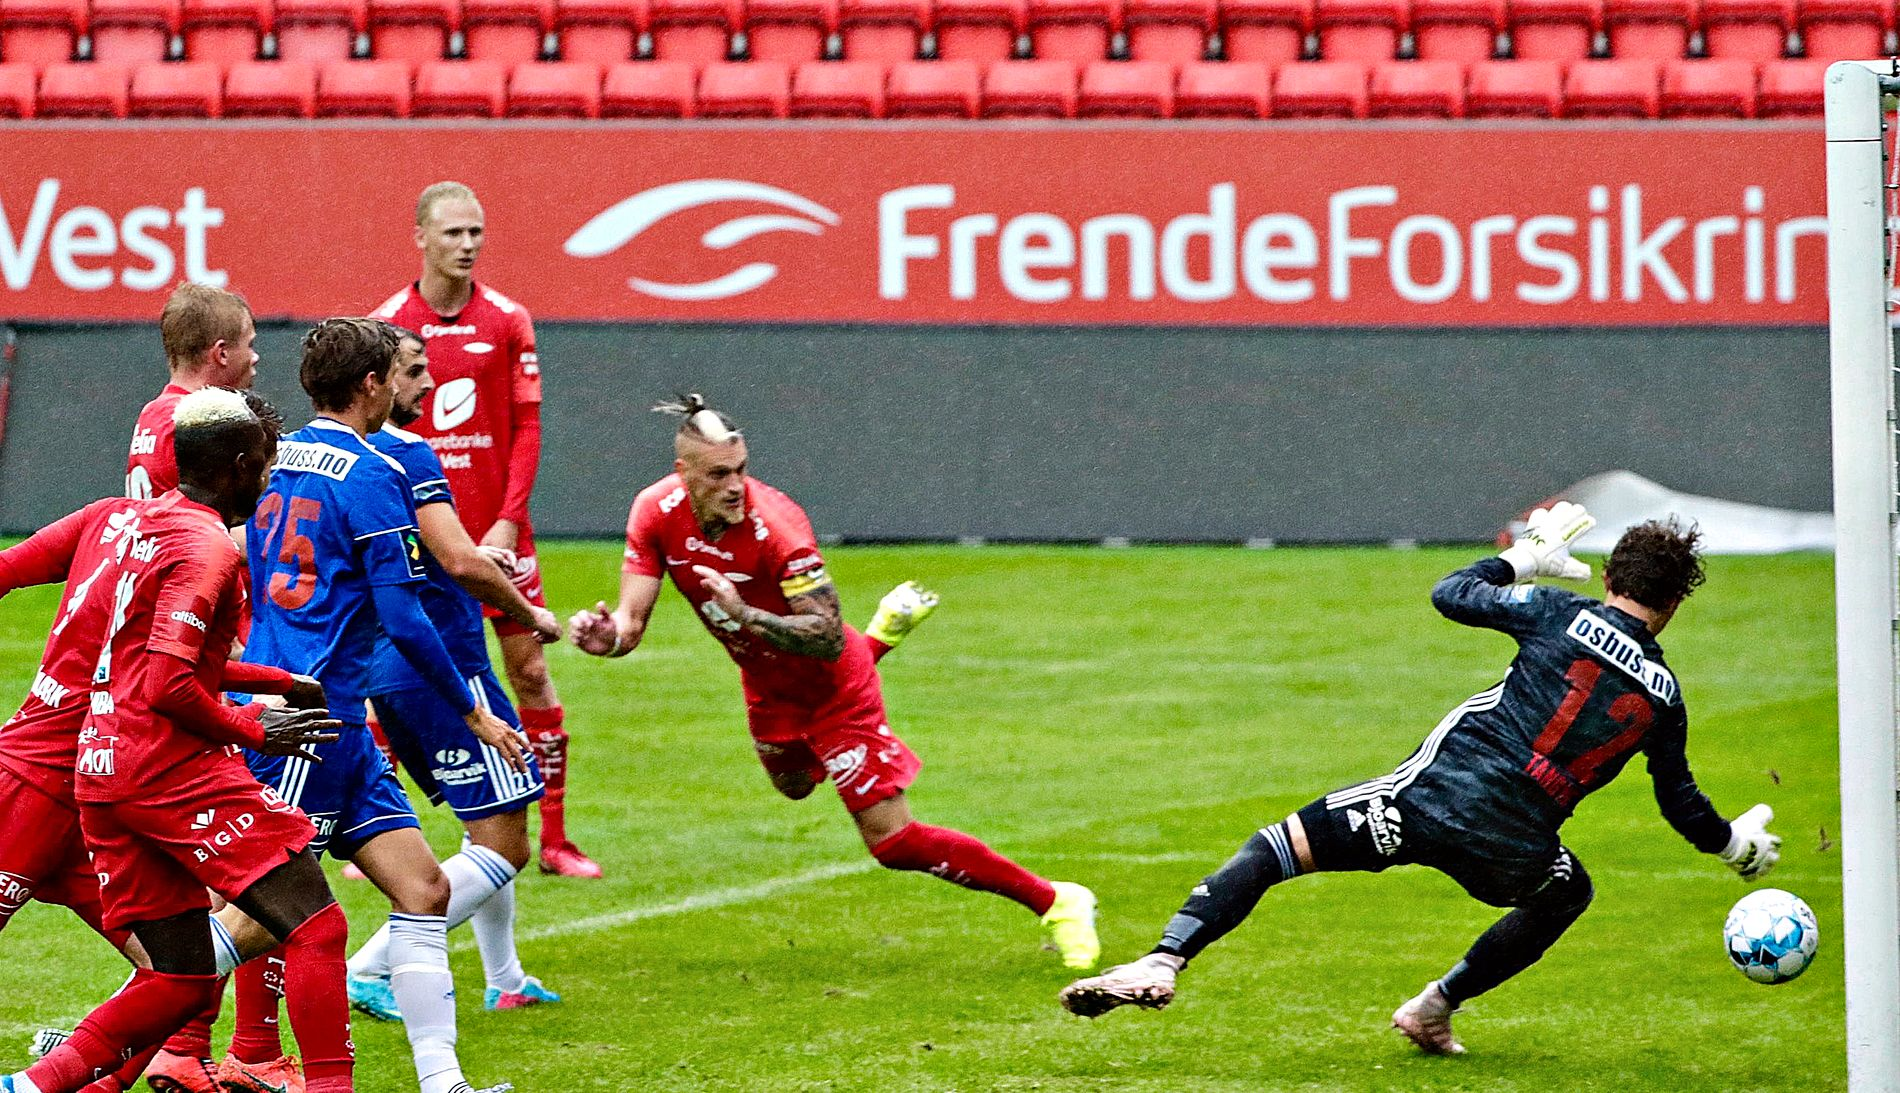 – RART: Erik Huseklepp forstår ikke hvorfor Brann måtte møte Lysekloster i treningskamp i oppladningen til Mjøndalen-kampen. Ballspark-eksperten mener det gikk ut over flere treningsdager.